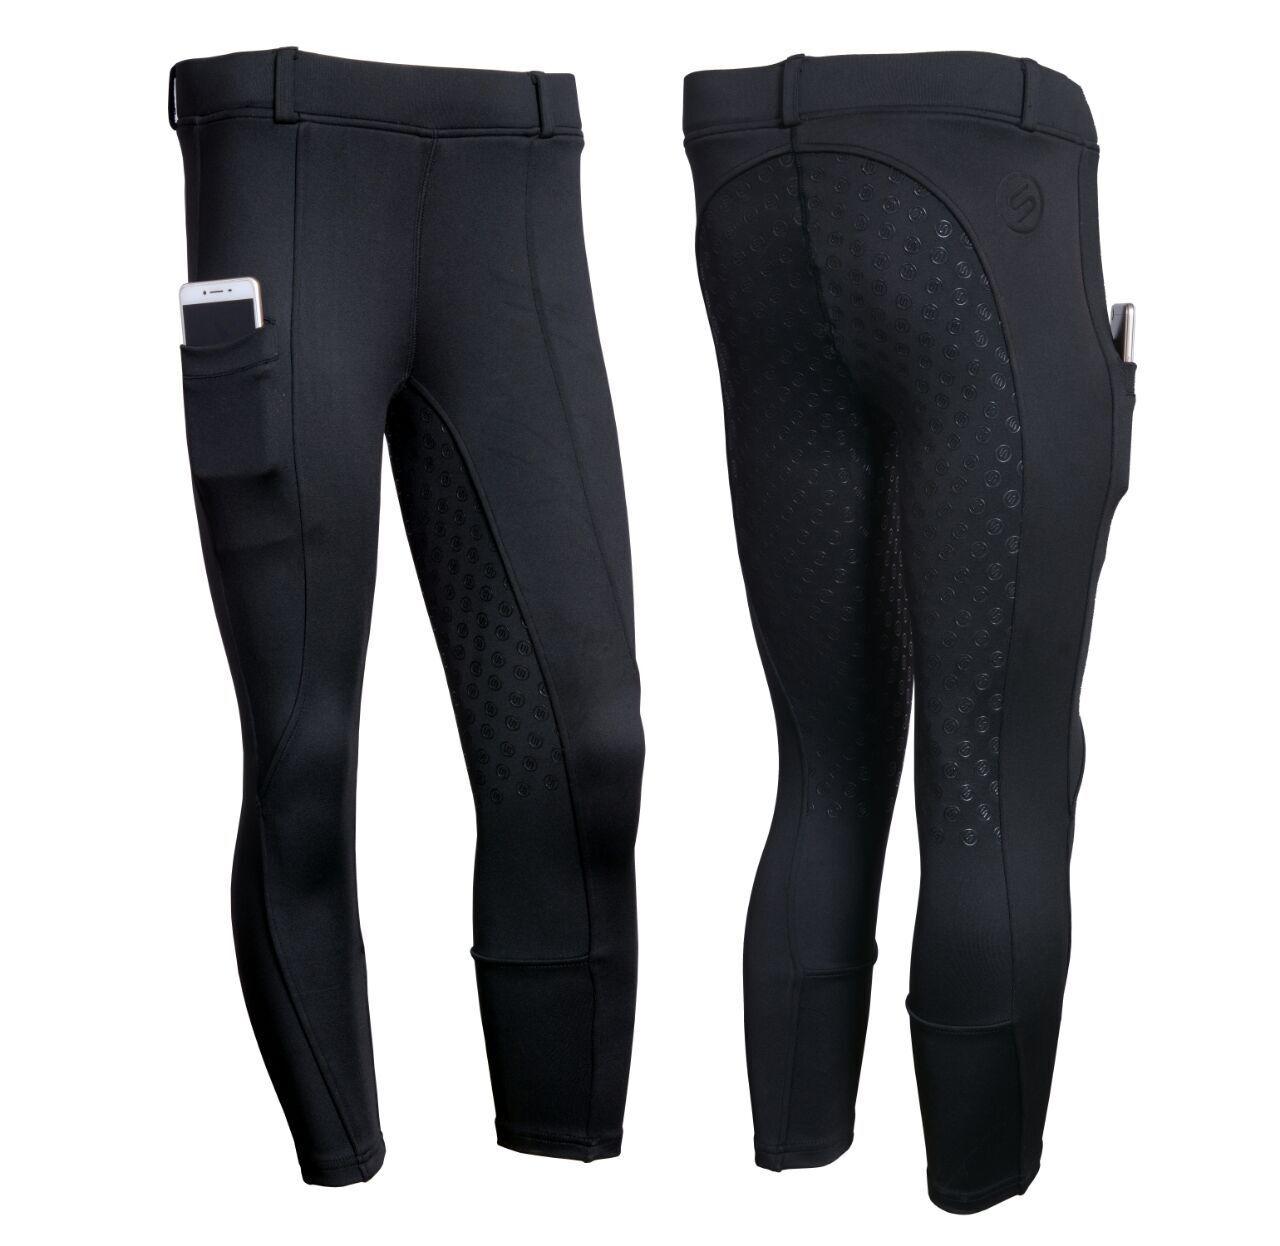 Equitación Pantalones Negro Azul Pantalones De Montar De Asiento Completo Pantalones De Montar Mujer de moda.